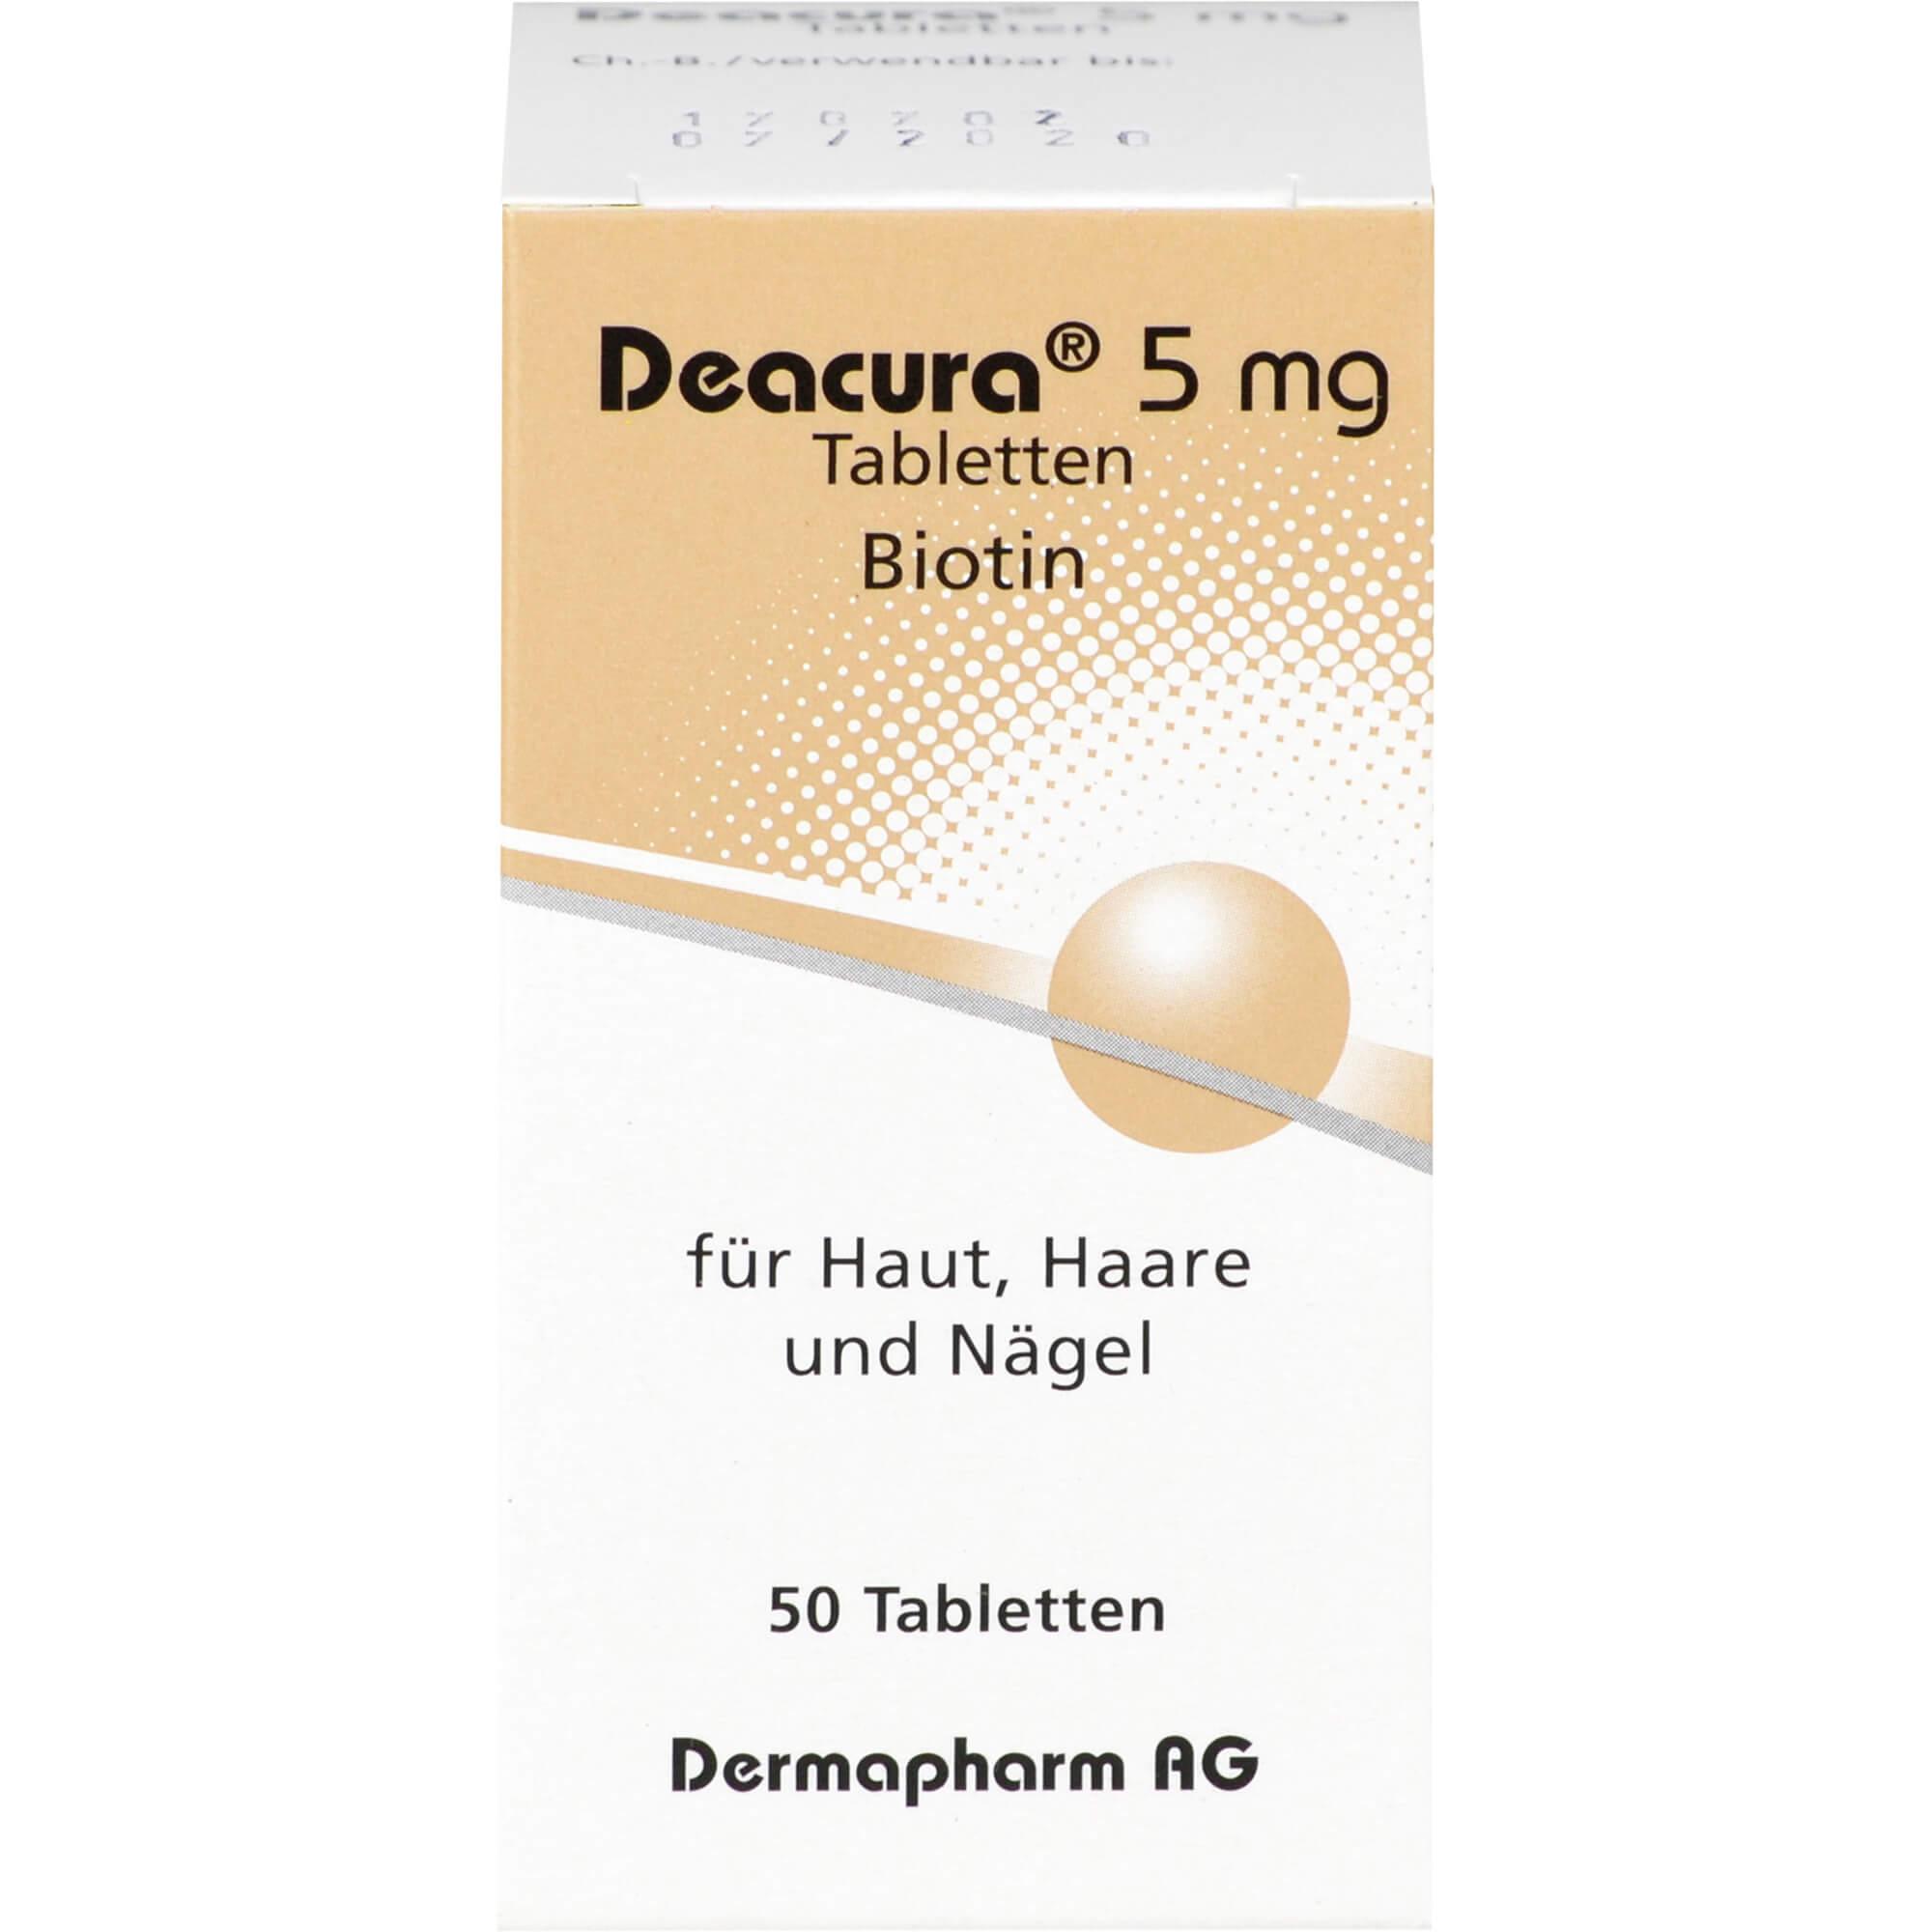 DEACURA-5-mg-Tabletten